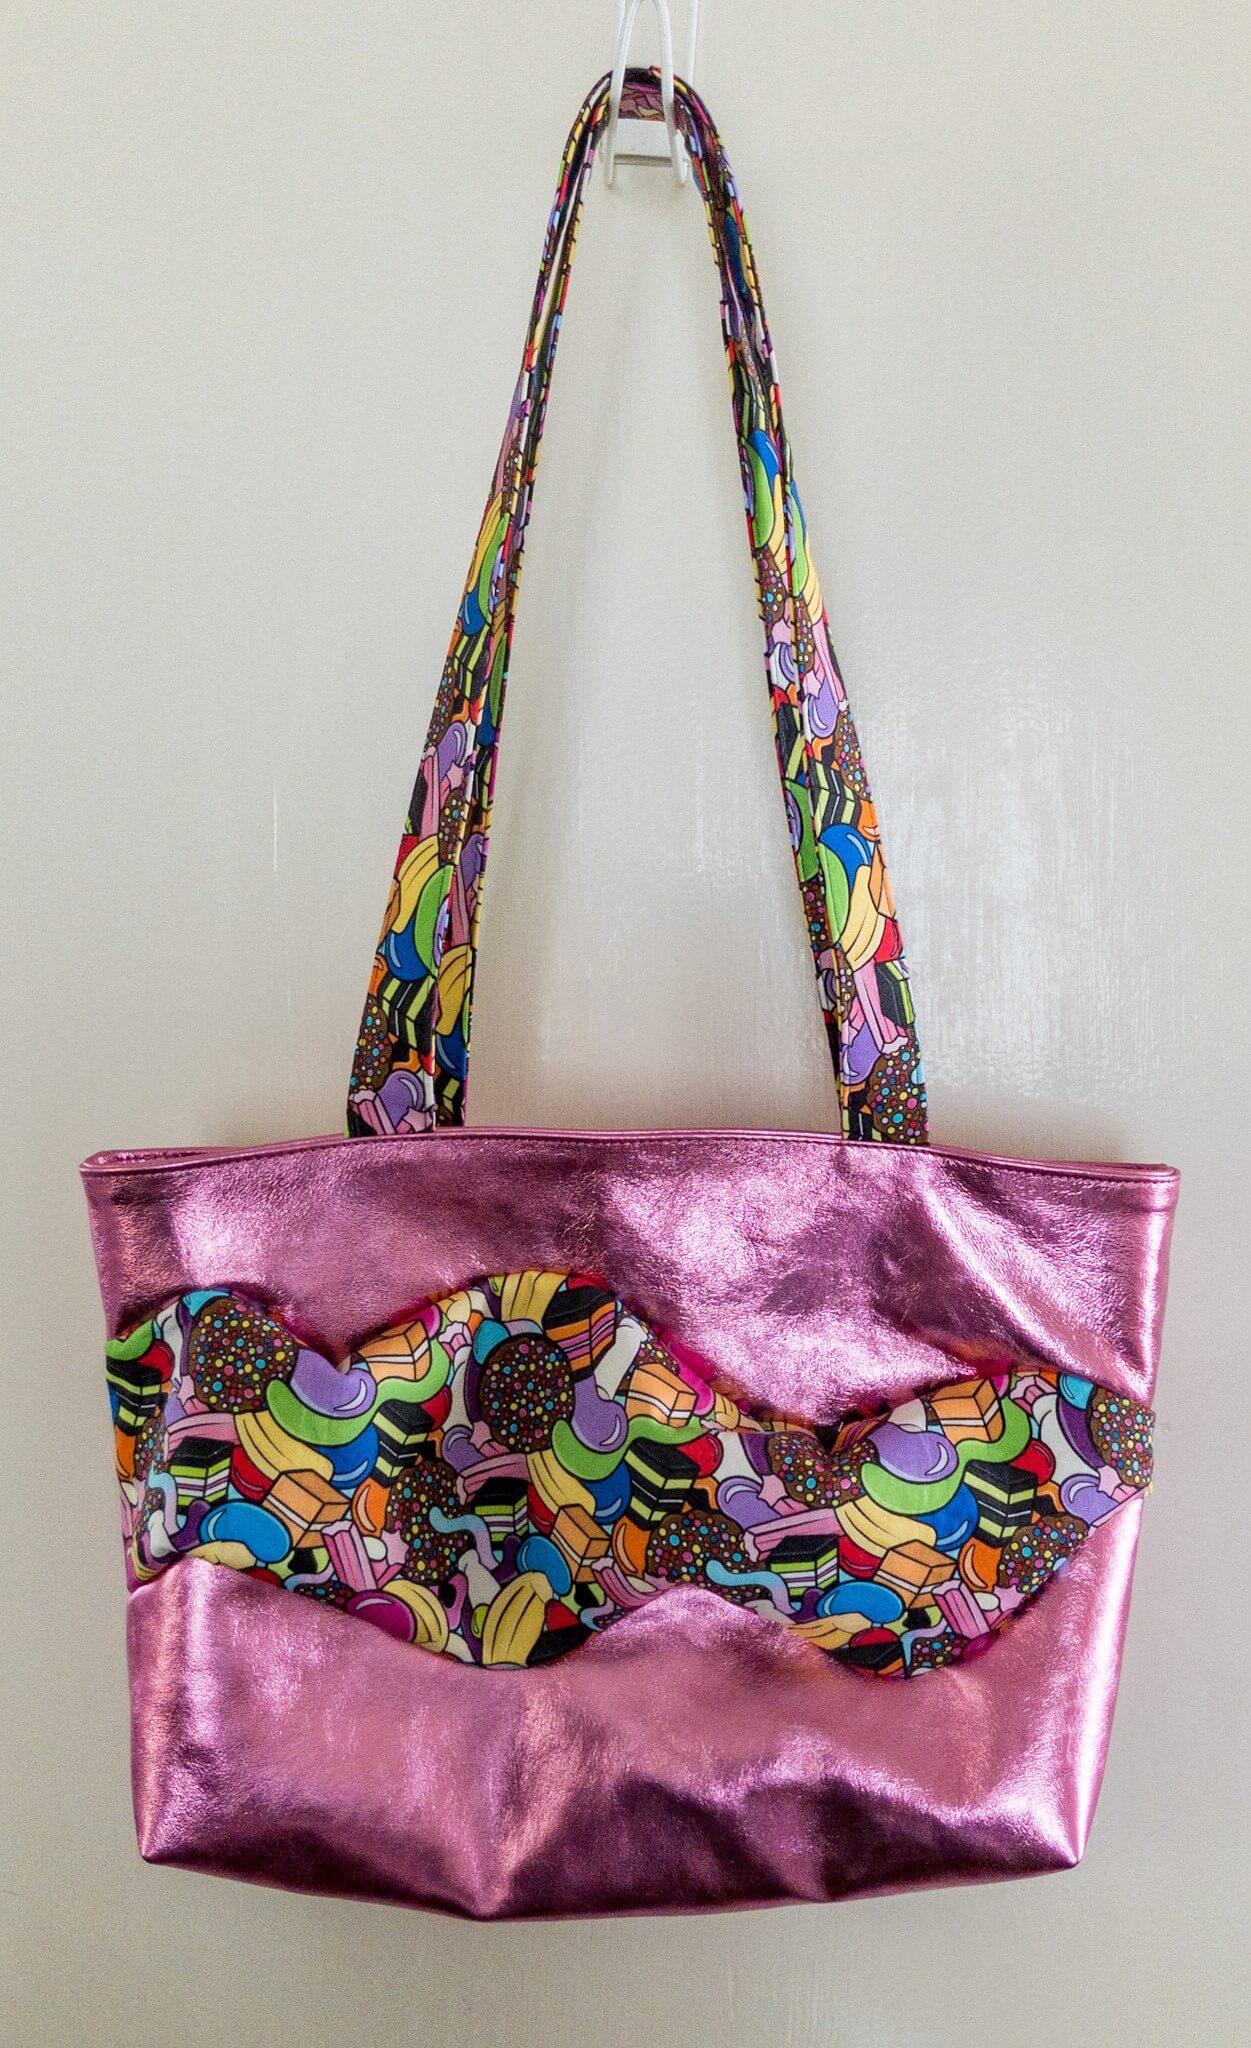 MEW Designs Bag